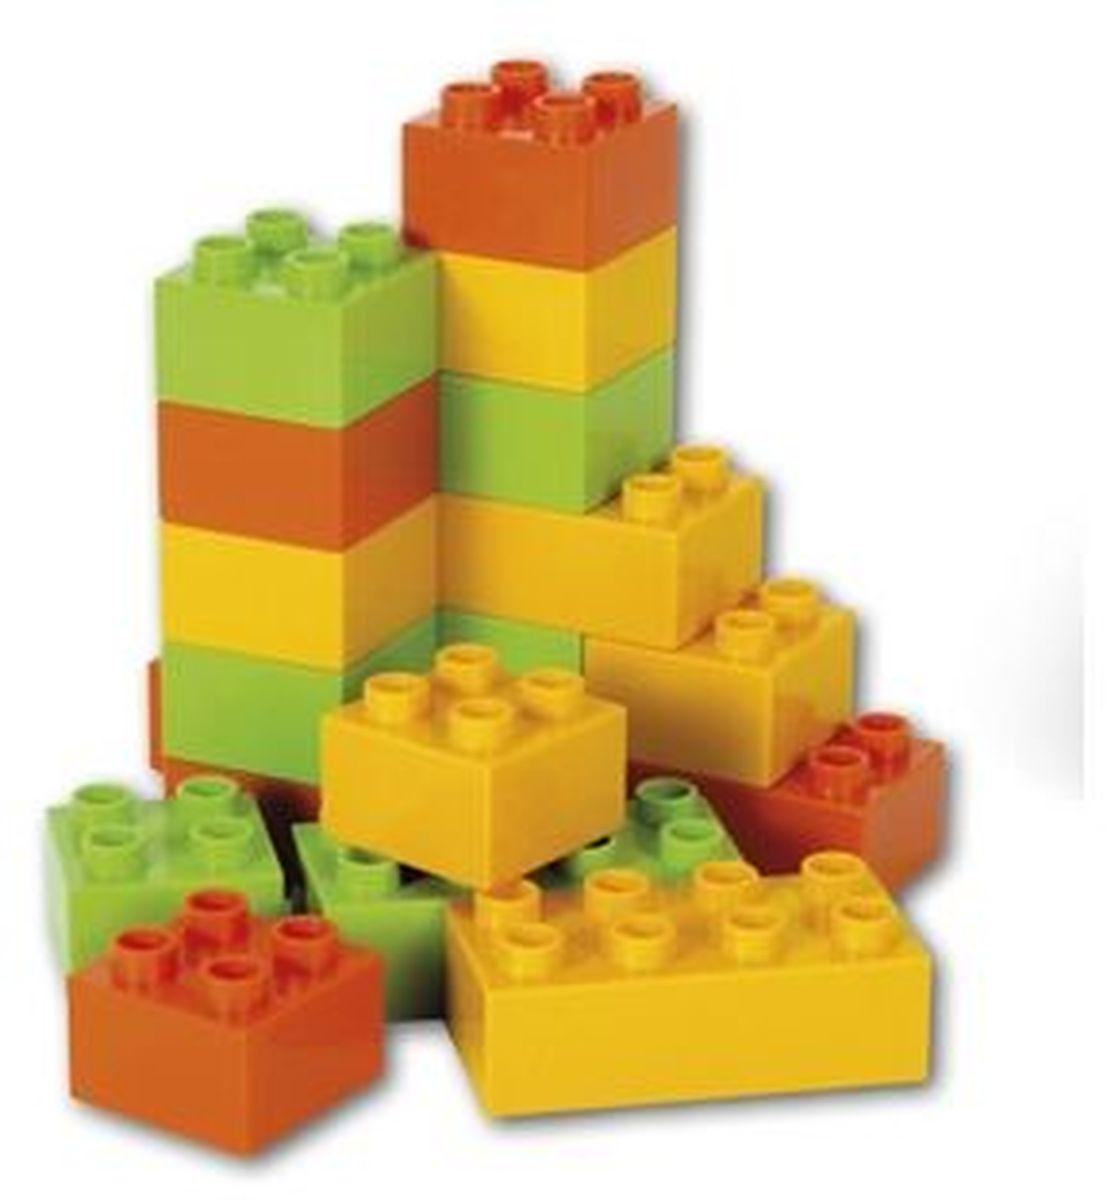 Igracek/Multigo Кубики строительные